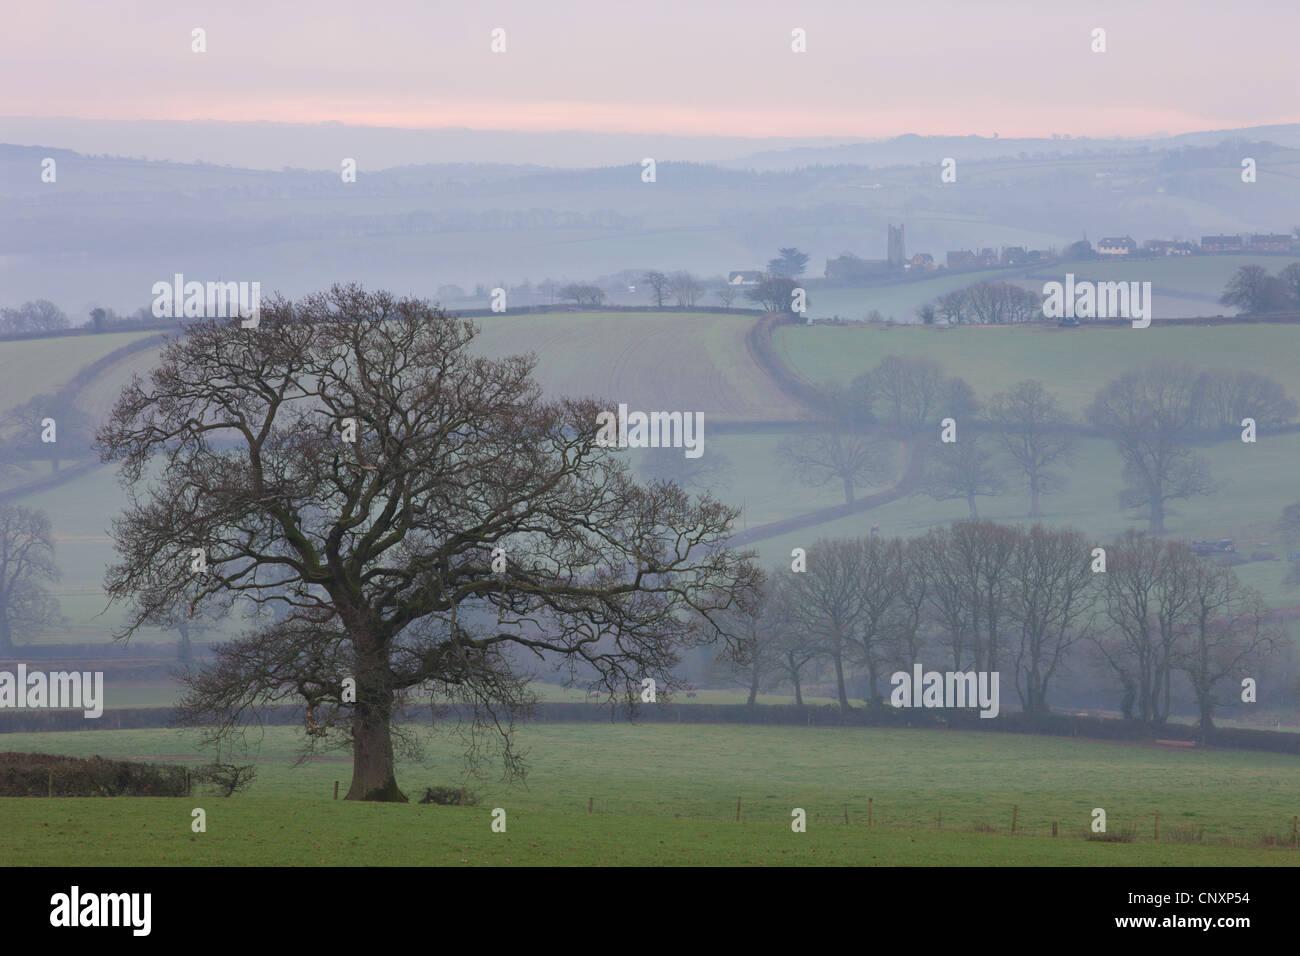 La campagne couverte de brouillard près de Coleford, Devon, Angleterre. L'hiver (Janvier) 2012. Photo Stock